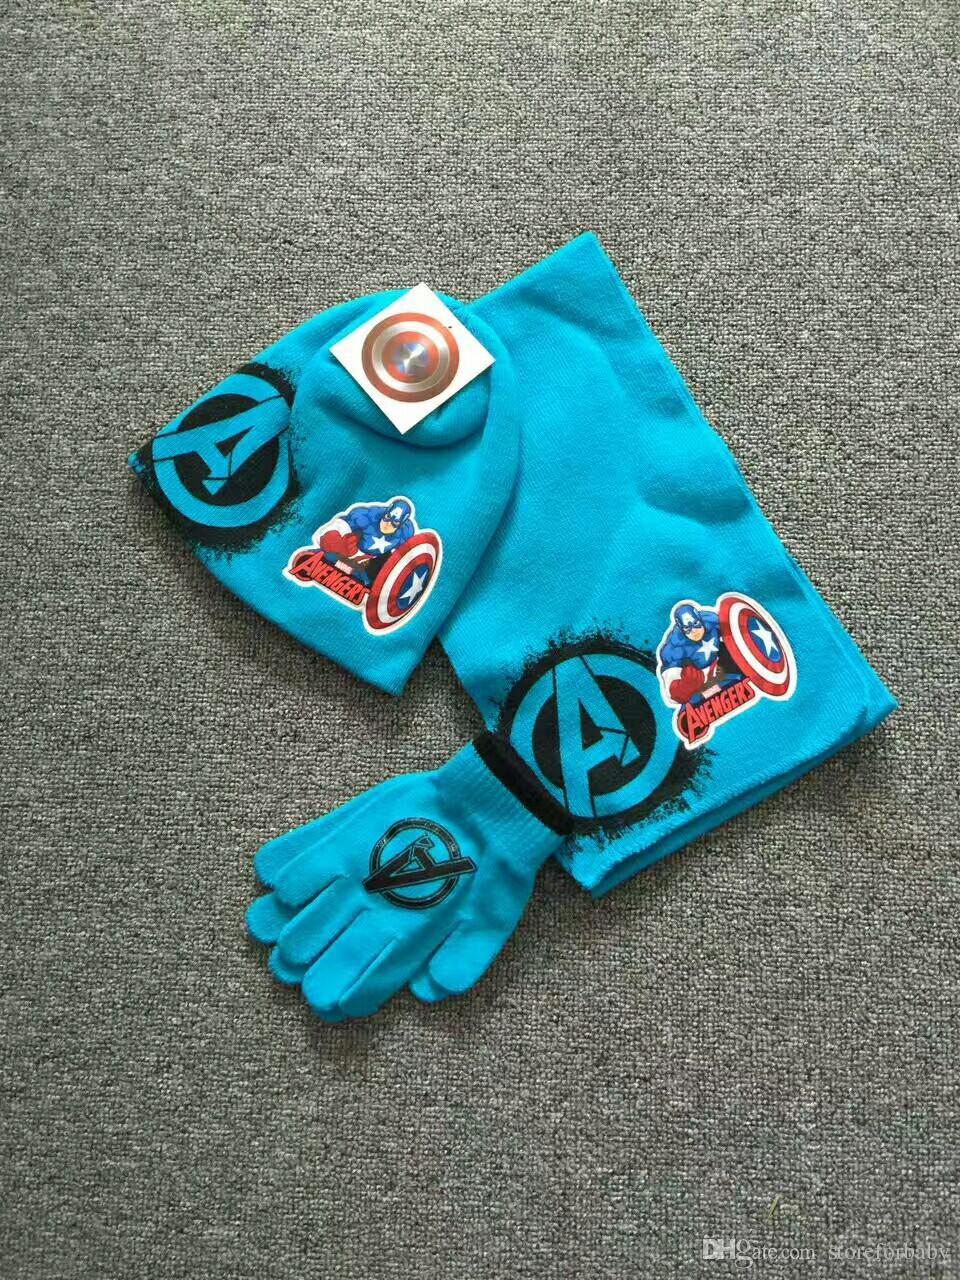 enfants dessin animé crochet mitaines pour garçons hiver coton gants chapeaux bonnets tricotés ensemble accessoires d'hiver en gros pas cher prix vêtements